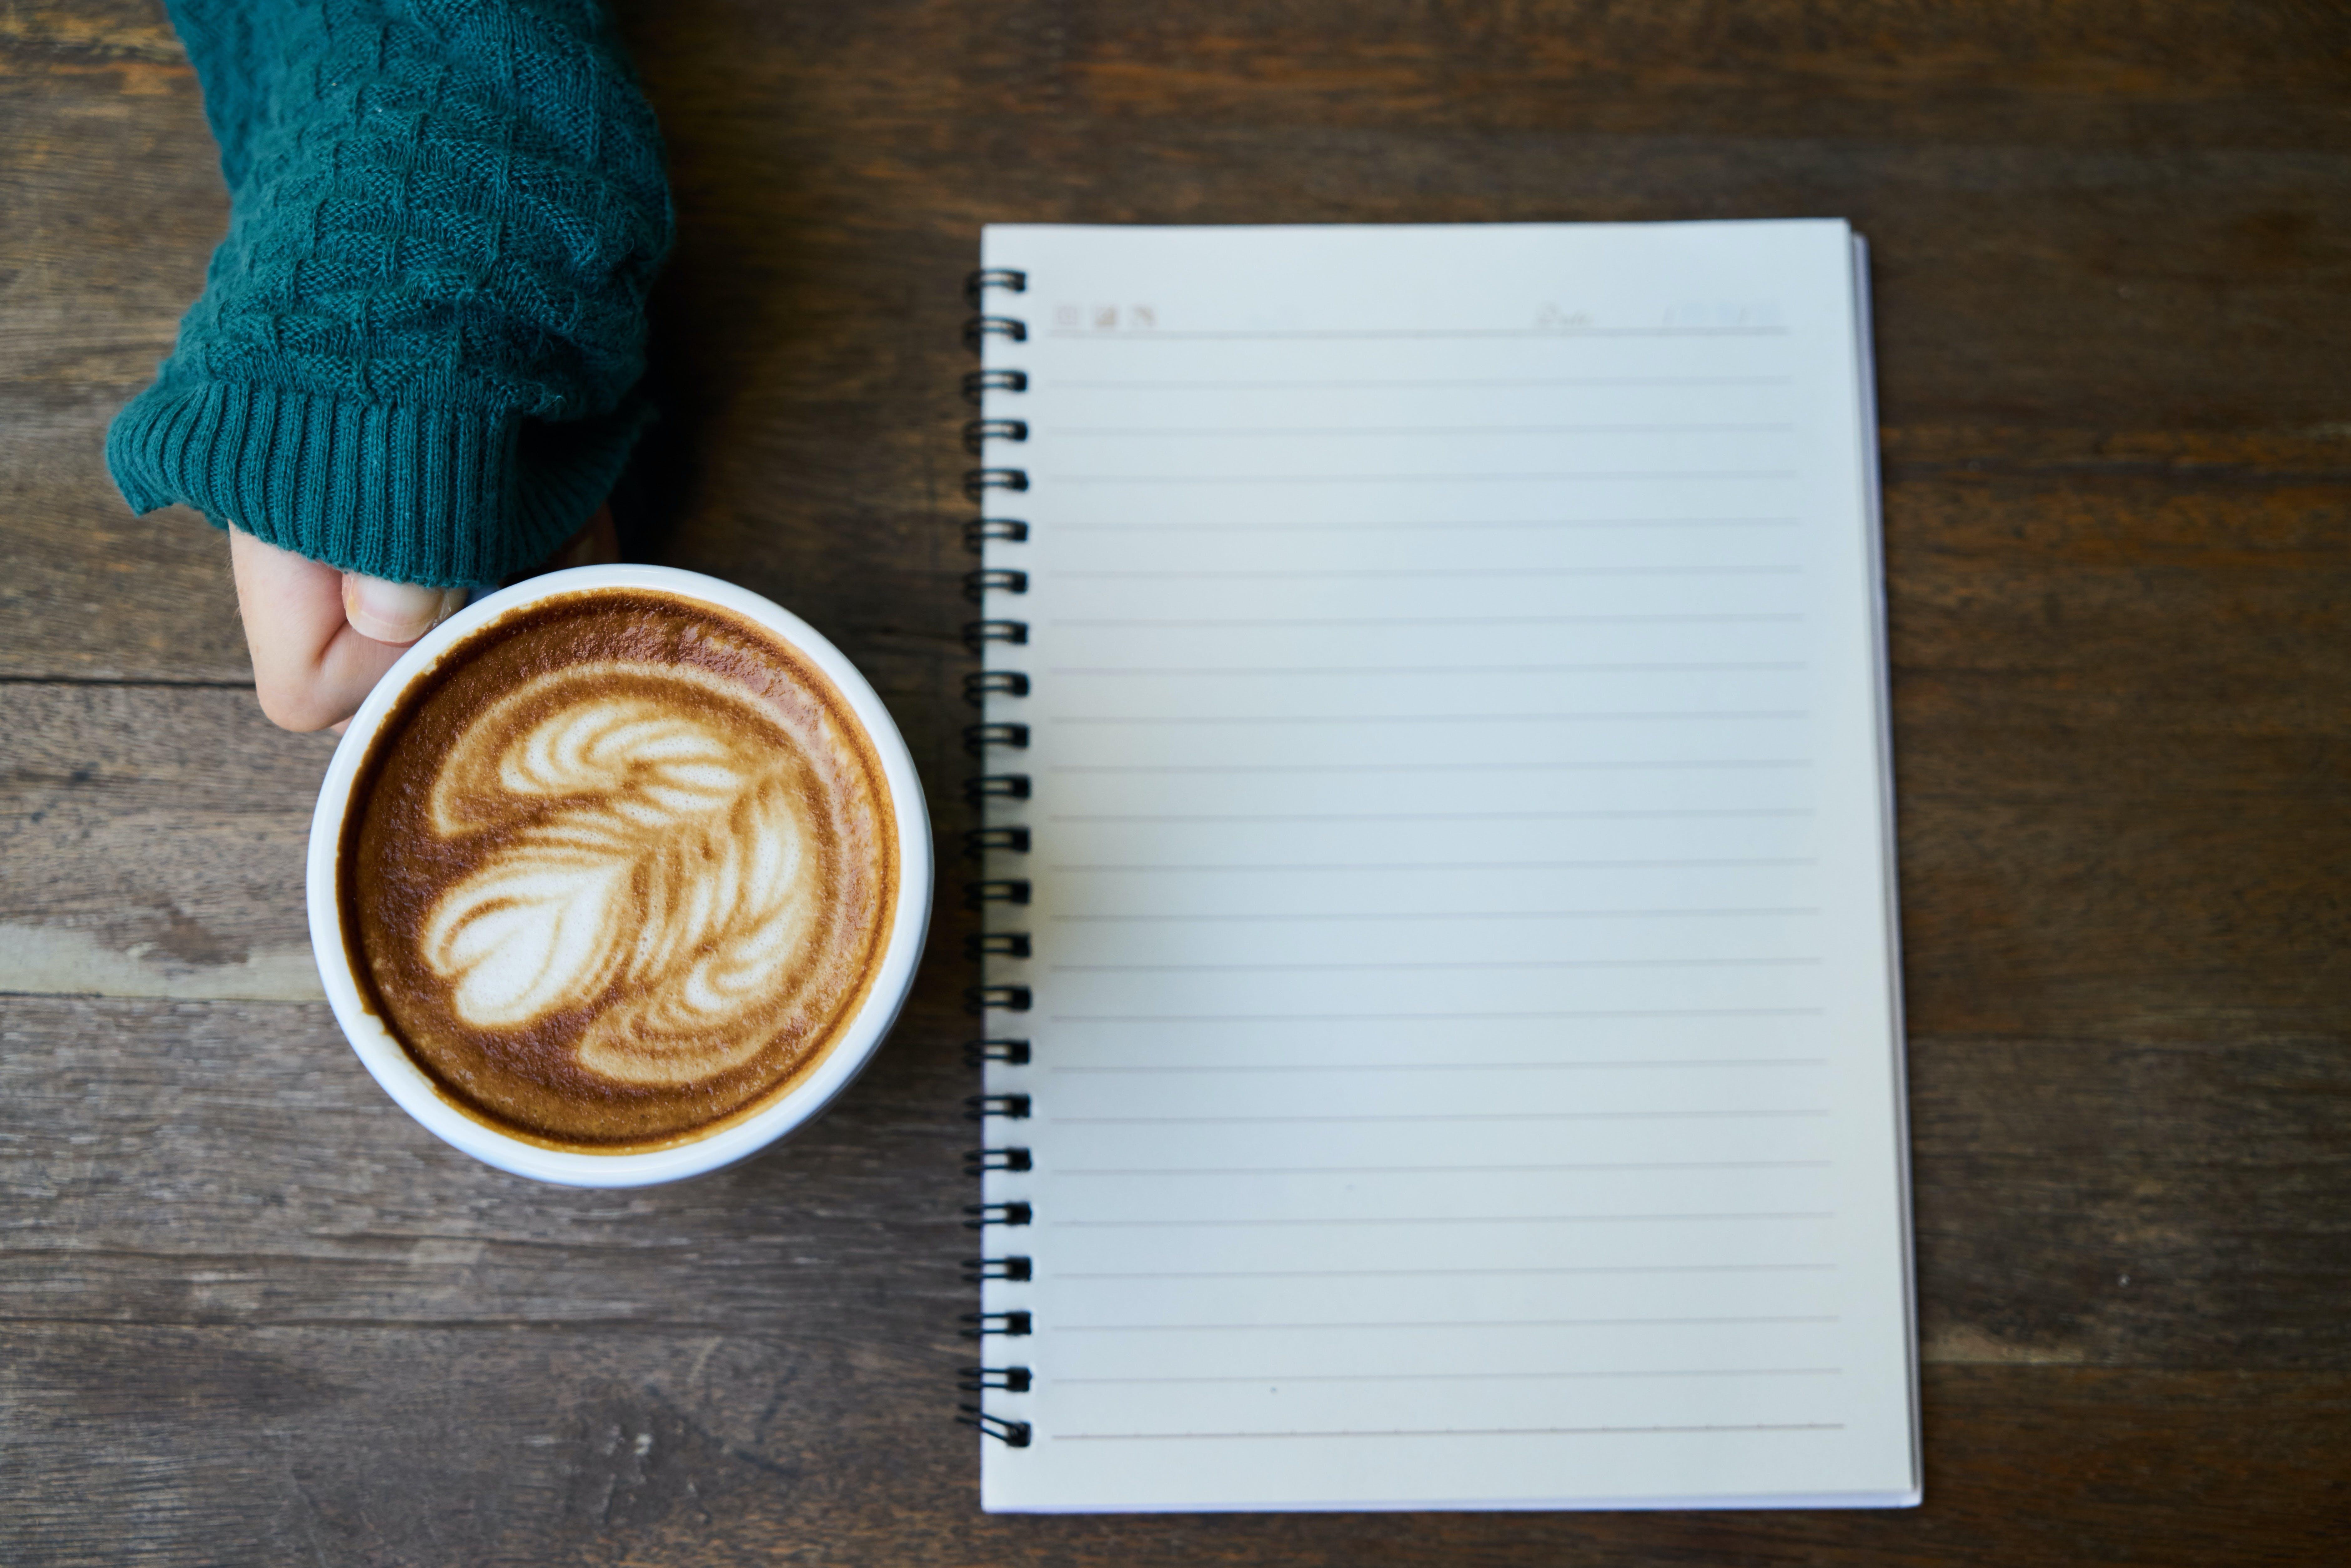 俯視圖, 卡布奇諾, 原本, 咖啡 的 免费素材照片